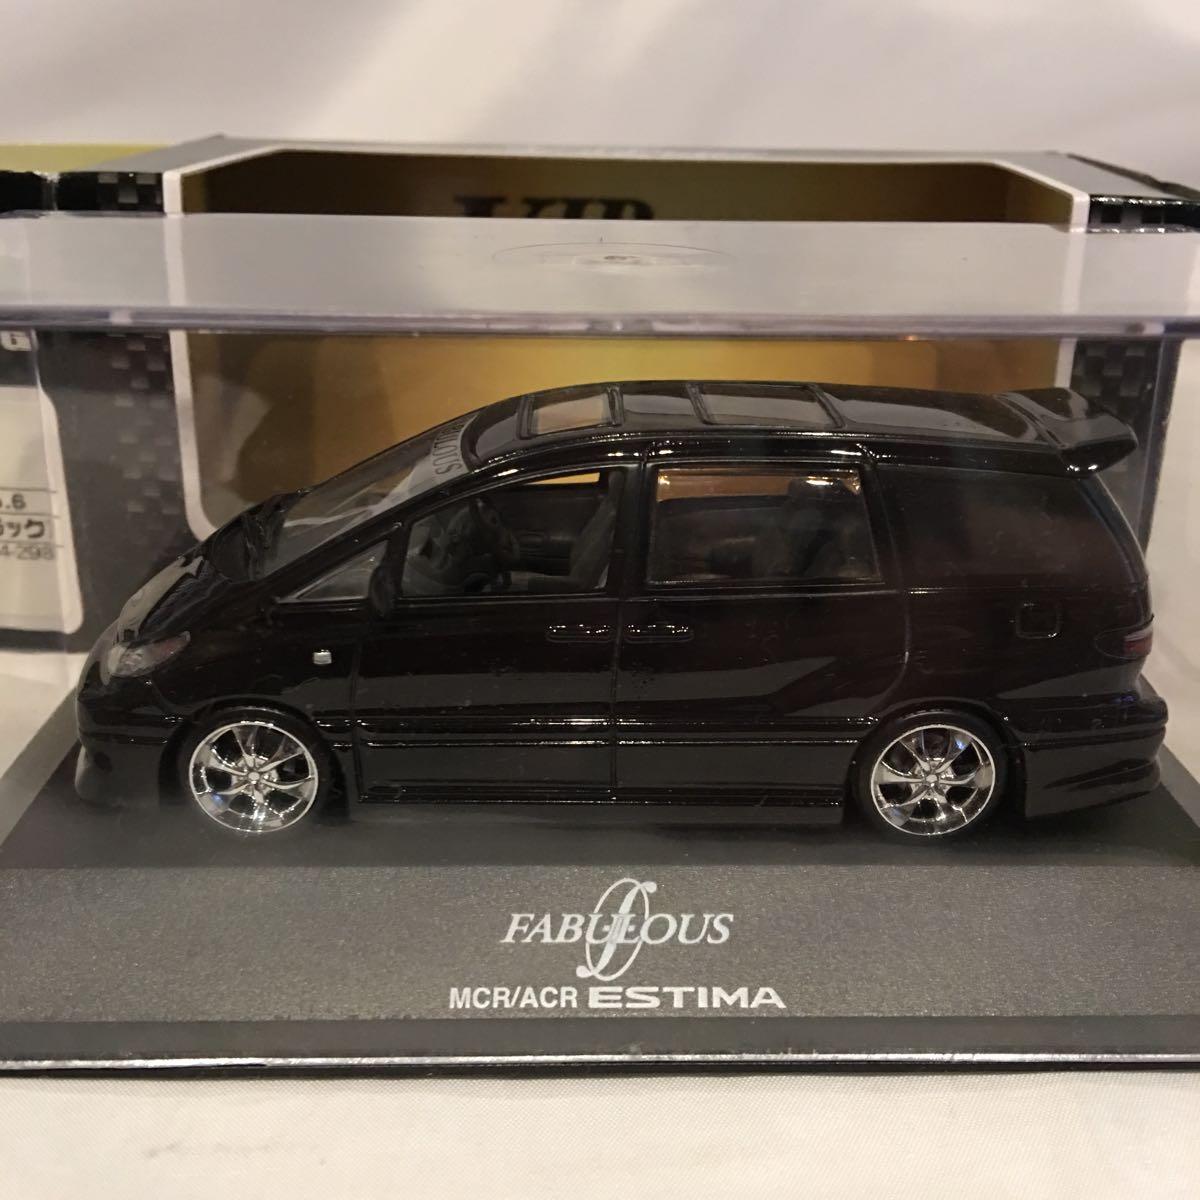 アオシマ 1/43 FABULOUS ACR MCR トヨタ エスティマ ブラック ミニカー ファブレス エアロ ホイール カスタム モデルカー 黒色 ESTIMA_画像6